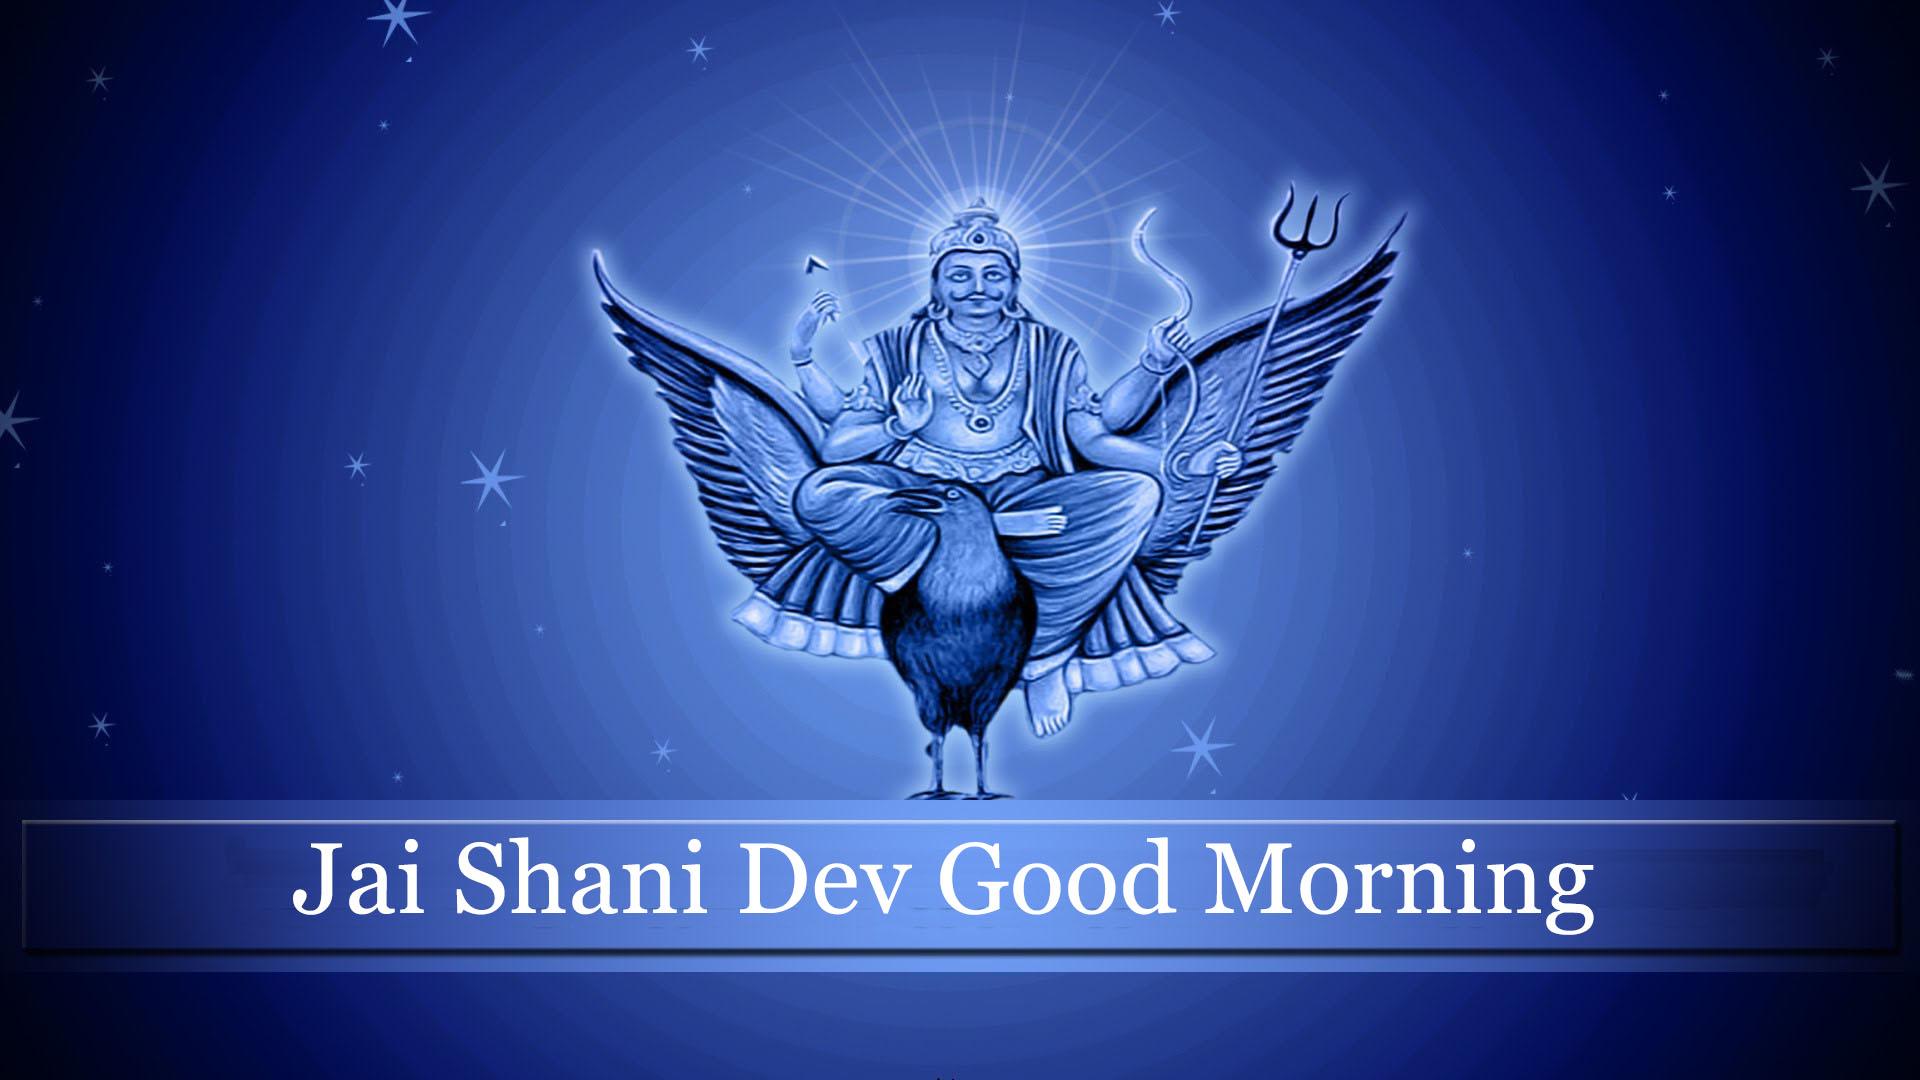 Shani Dev Image Good Morning